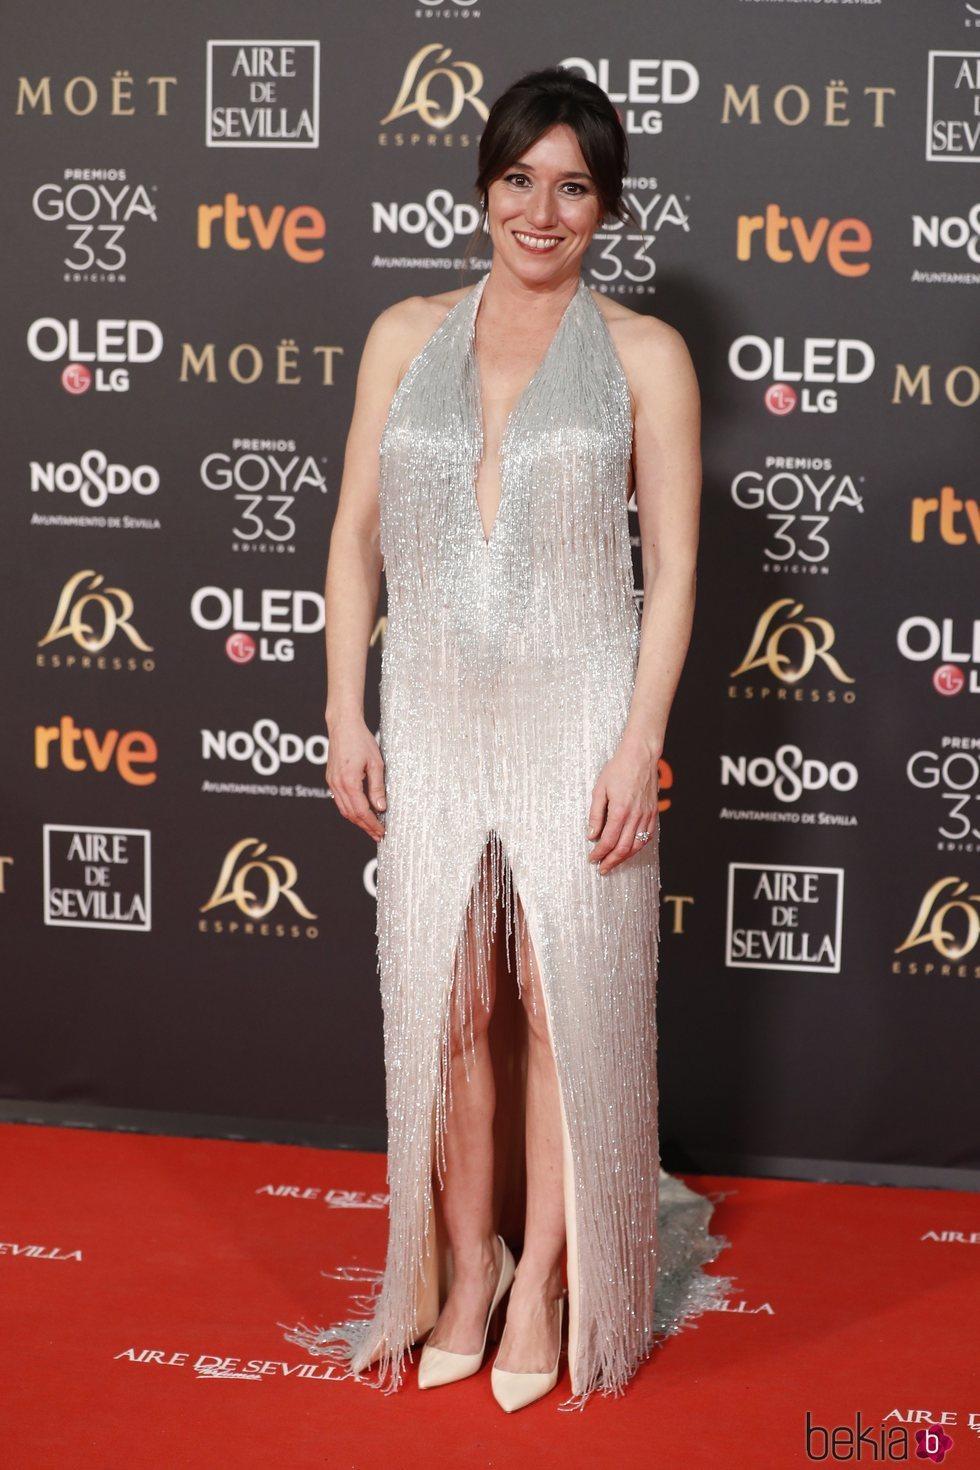 Lola Dueñas en la alfombra roja de los Premios Goya 2019